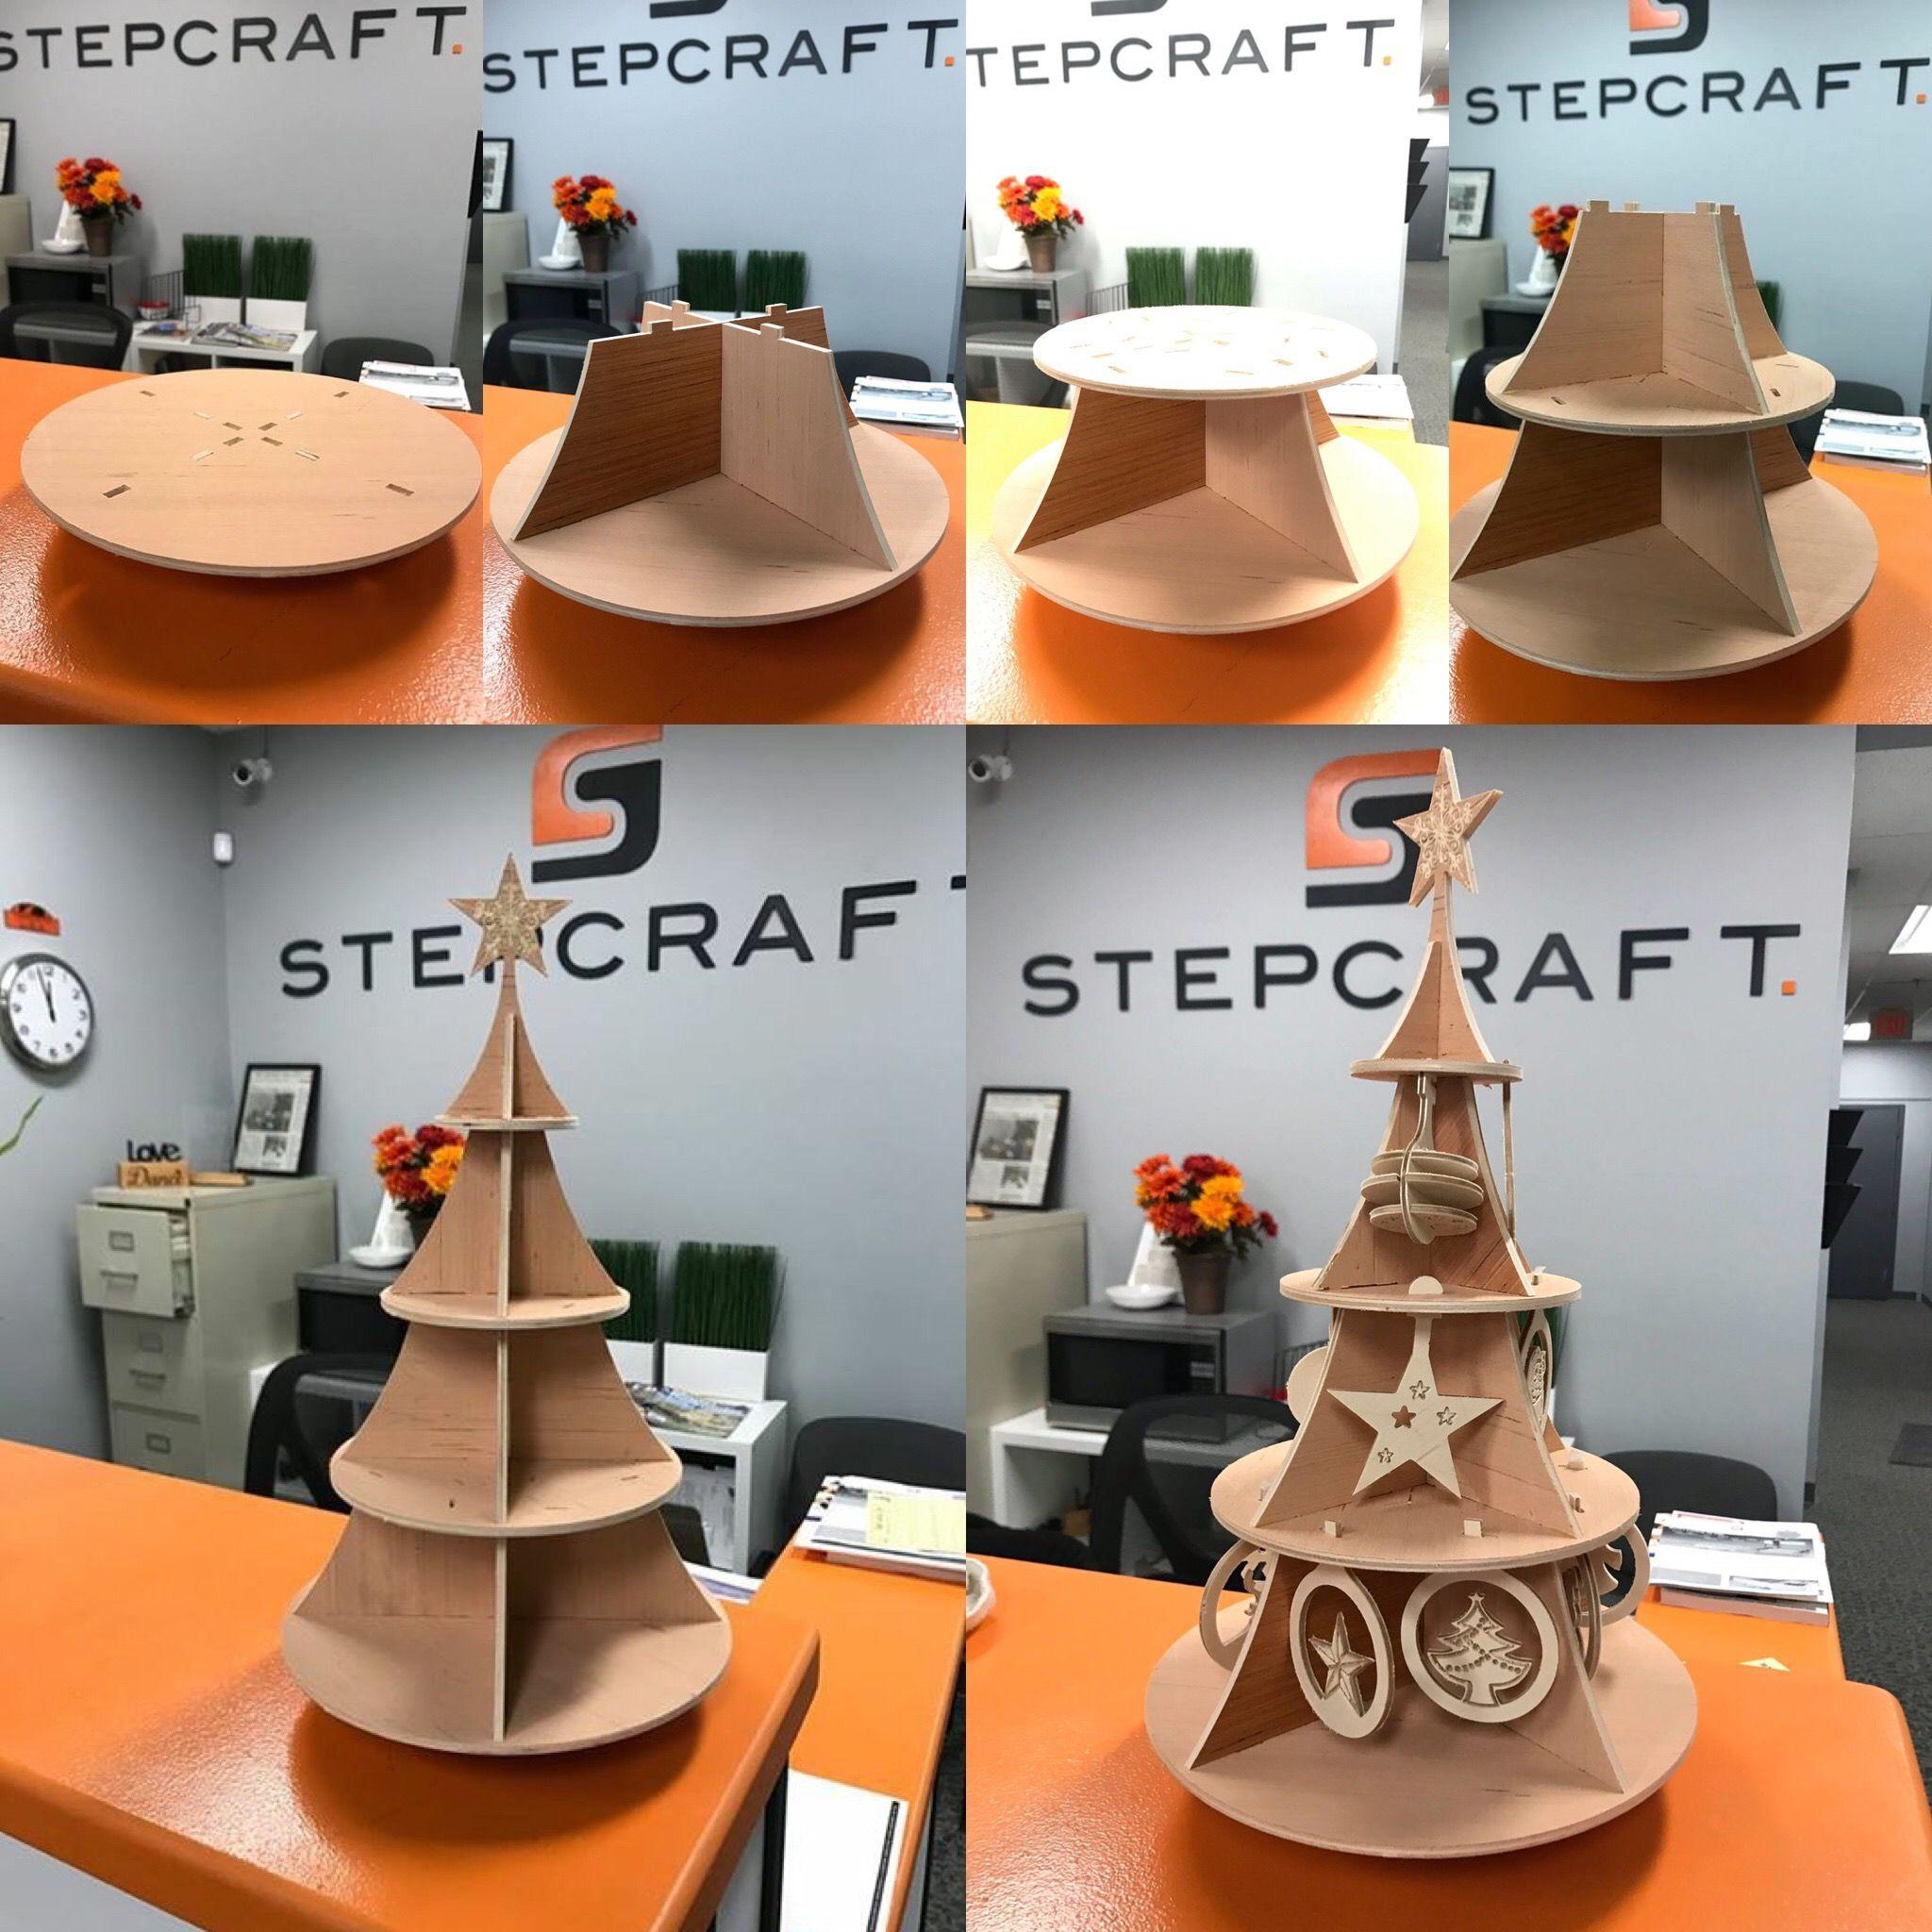 32++ Paper craft classes near me ideas in 2021